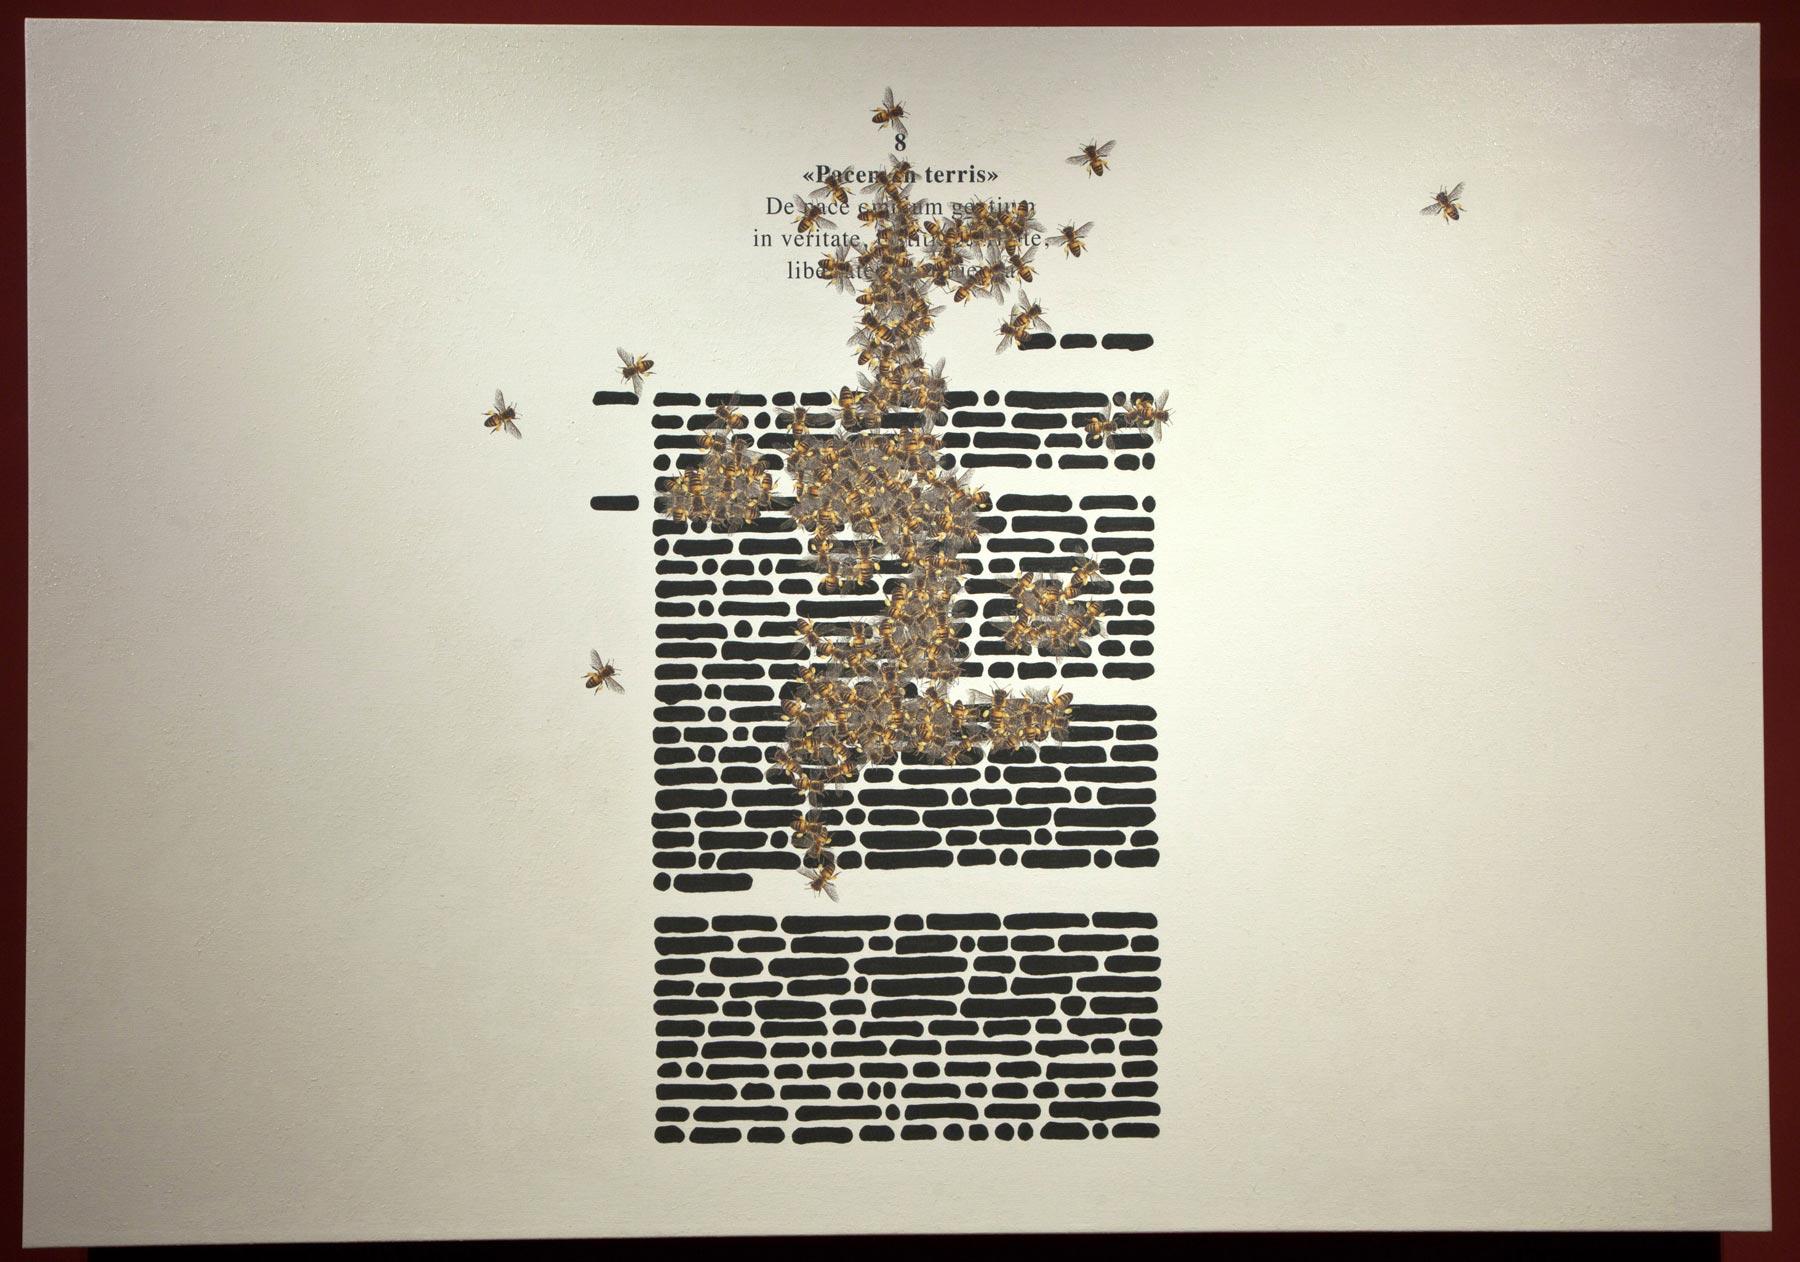 Emilio Isgrò, Pacem in terris (2019; tecnica mista su tela, 140 x 200 cm)